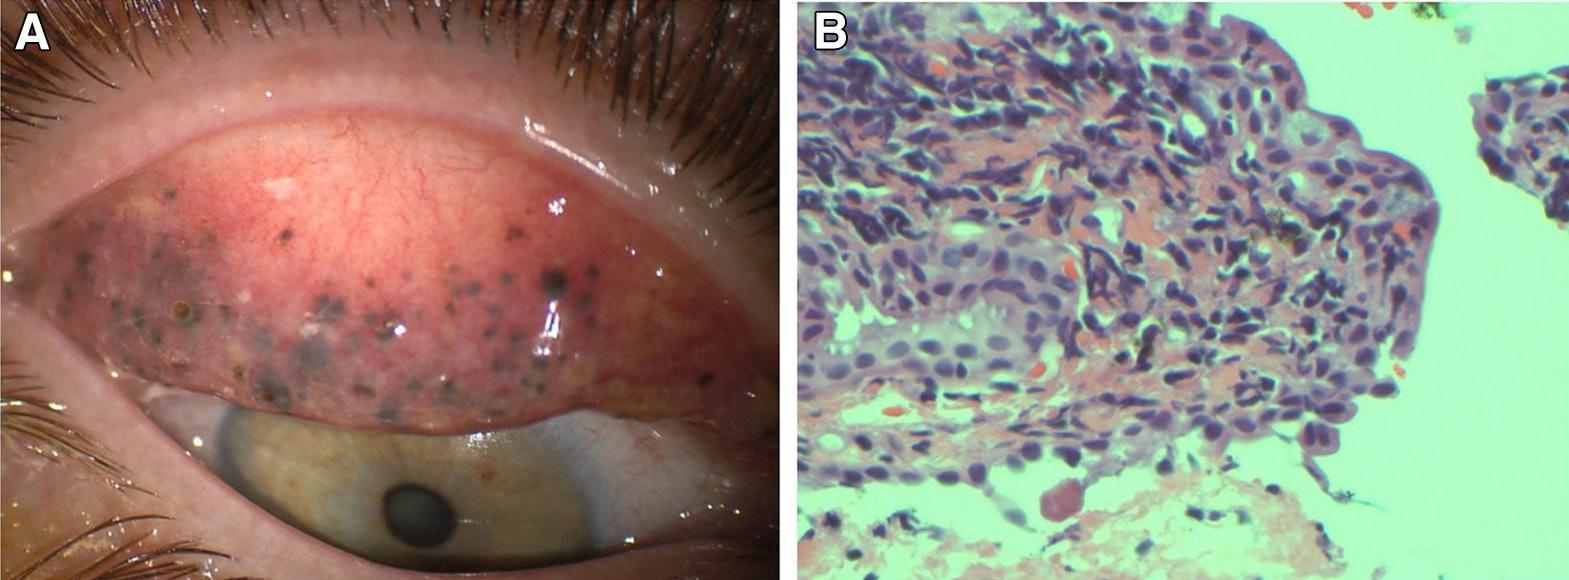 eyes ophthalmology eye injury eye disease